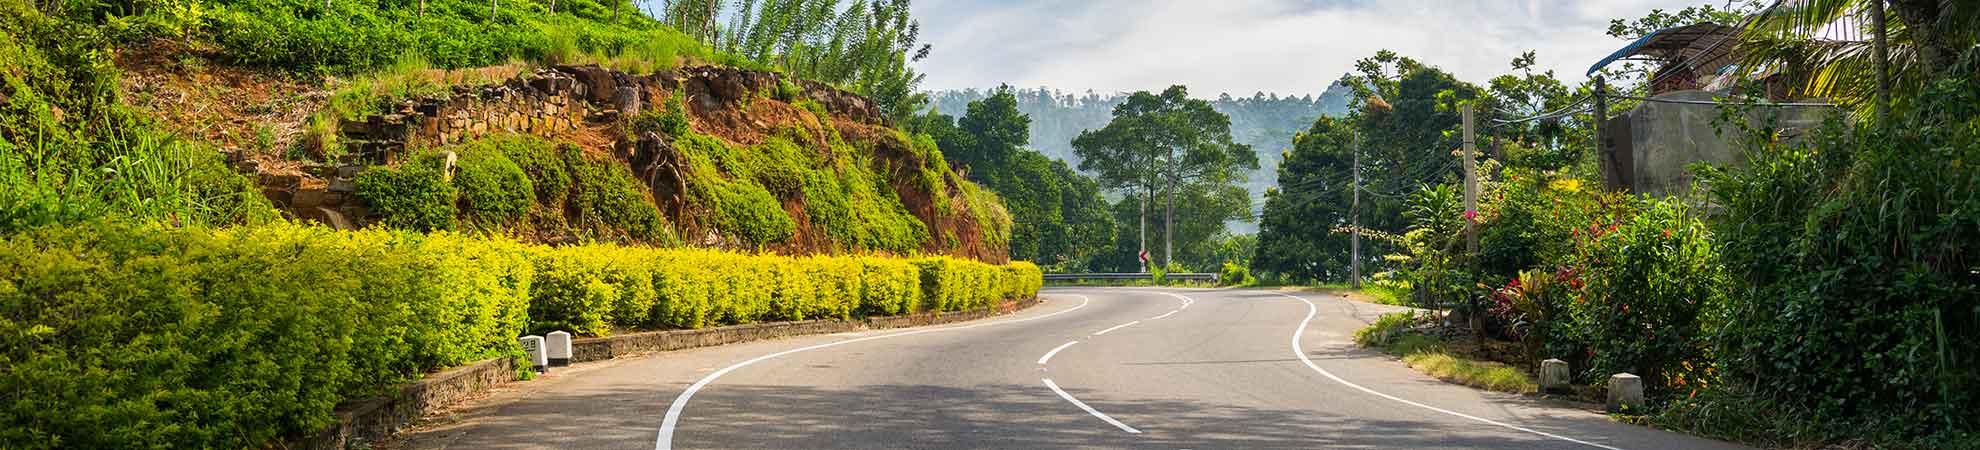 Aller au Sri Lanka en bus